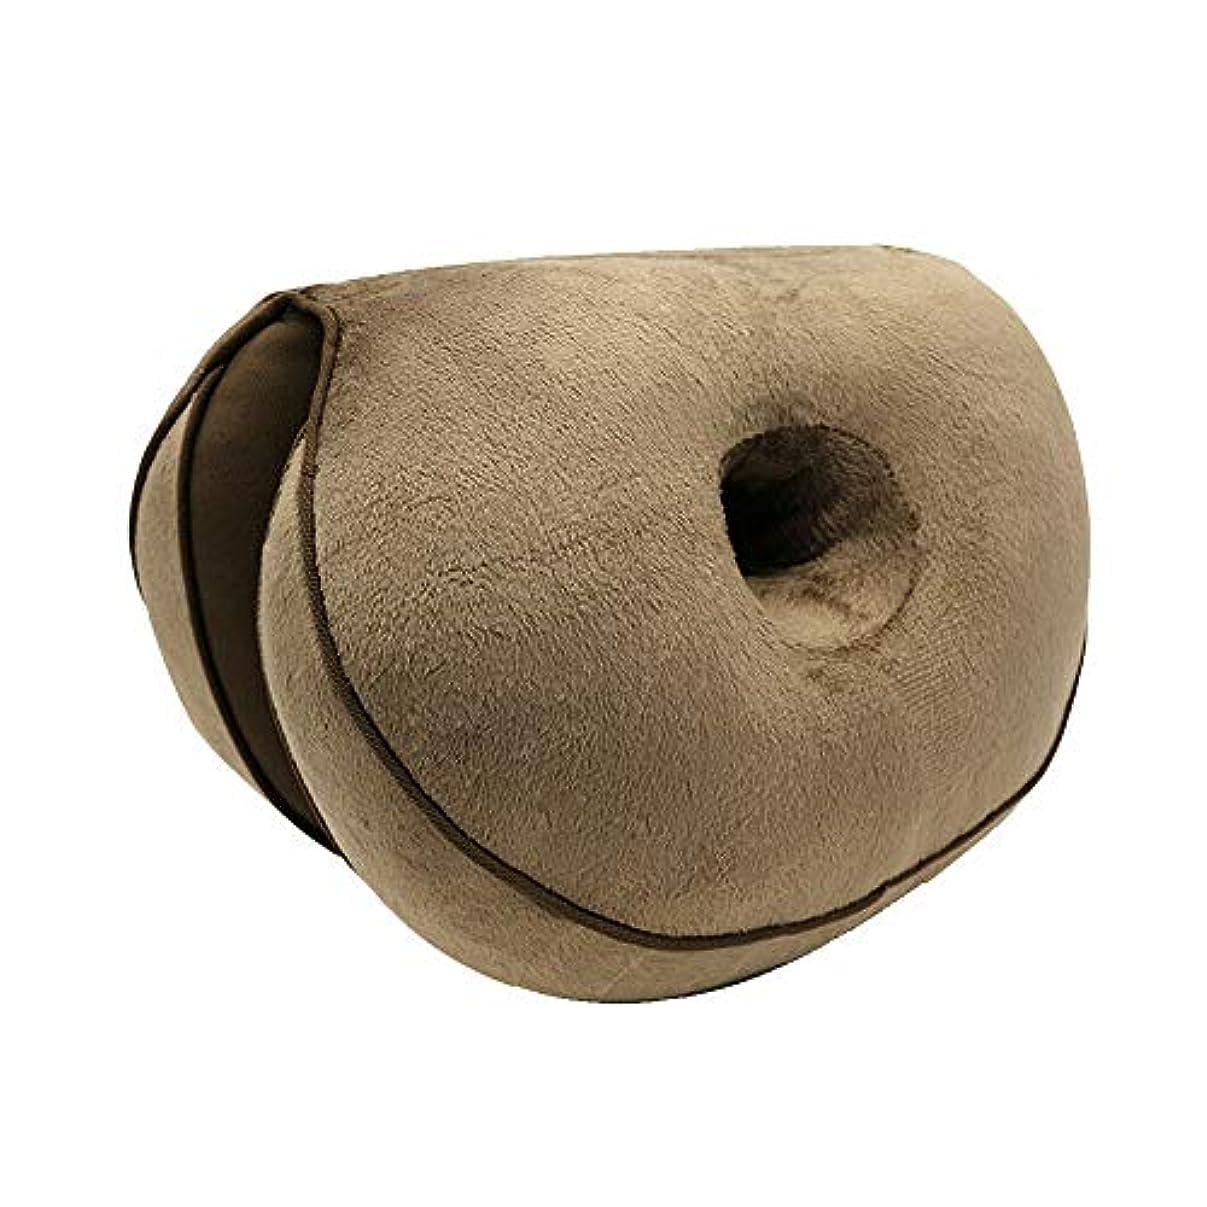 ジョリー結婚株式LIFE 新デュアルシートクッション低反発ラテックスオフィスチェアバックシートクッション快適な臀部マットパッド枕旅行枕女性女の子 クッション 椅子